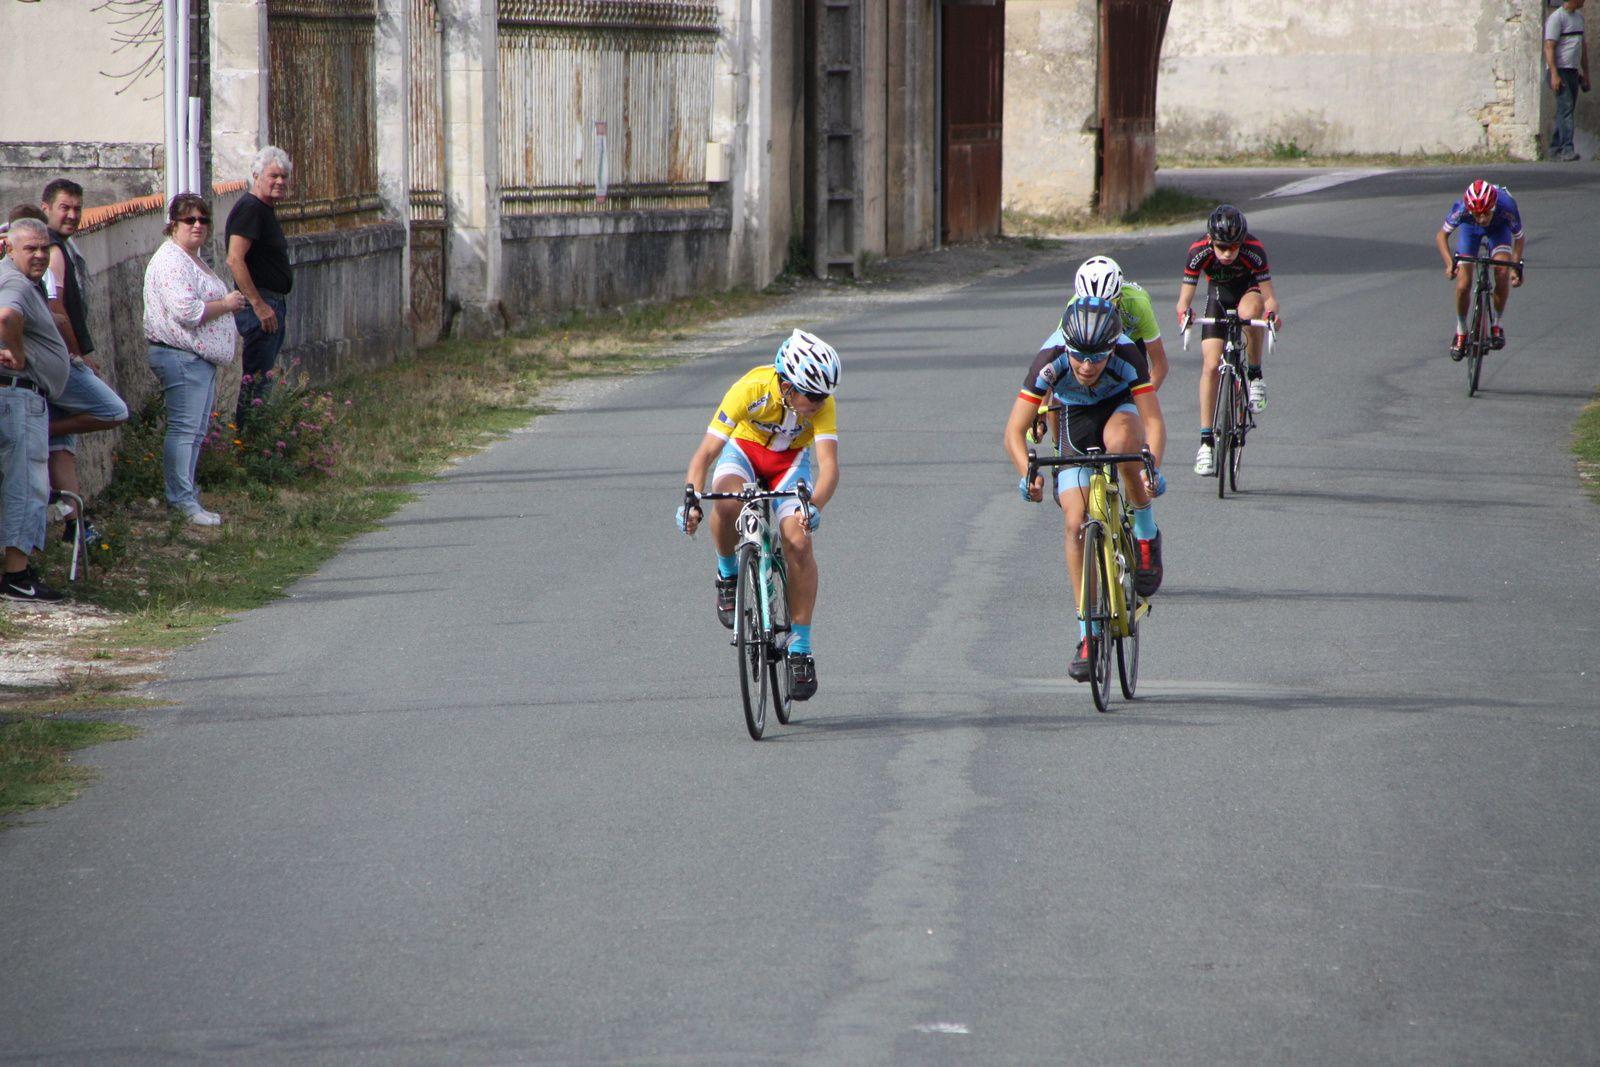 L'arrivée  et  la  victoire  pour  Julien  BENOIT(VC  Charente-Océan), 2e  Lilian  HINTZY (VC  Saintes), 3e  Victor  HUCTEAU(Angouléme  VC), 4e  Clément  NAUDON(C  Poitevin), 5e  Arthur  HERIAUD(Champagne Sud Vendée C)